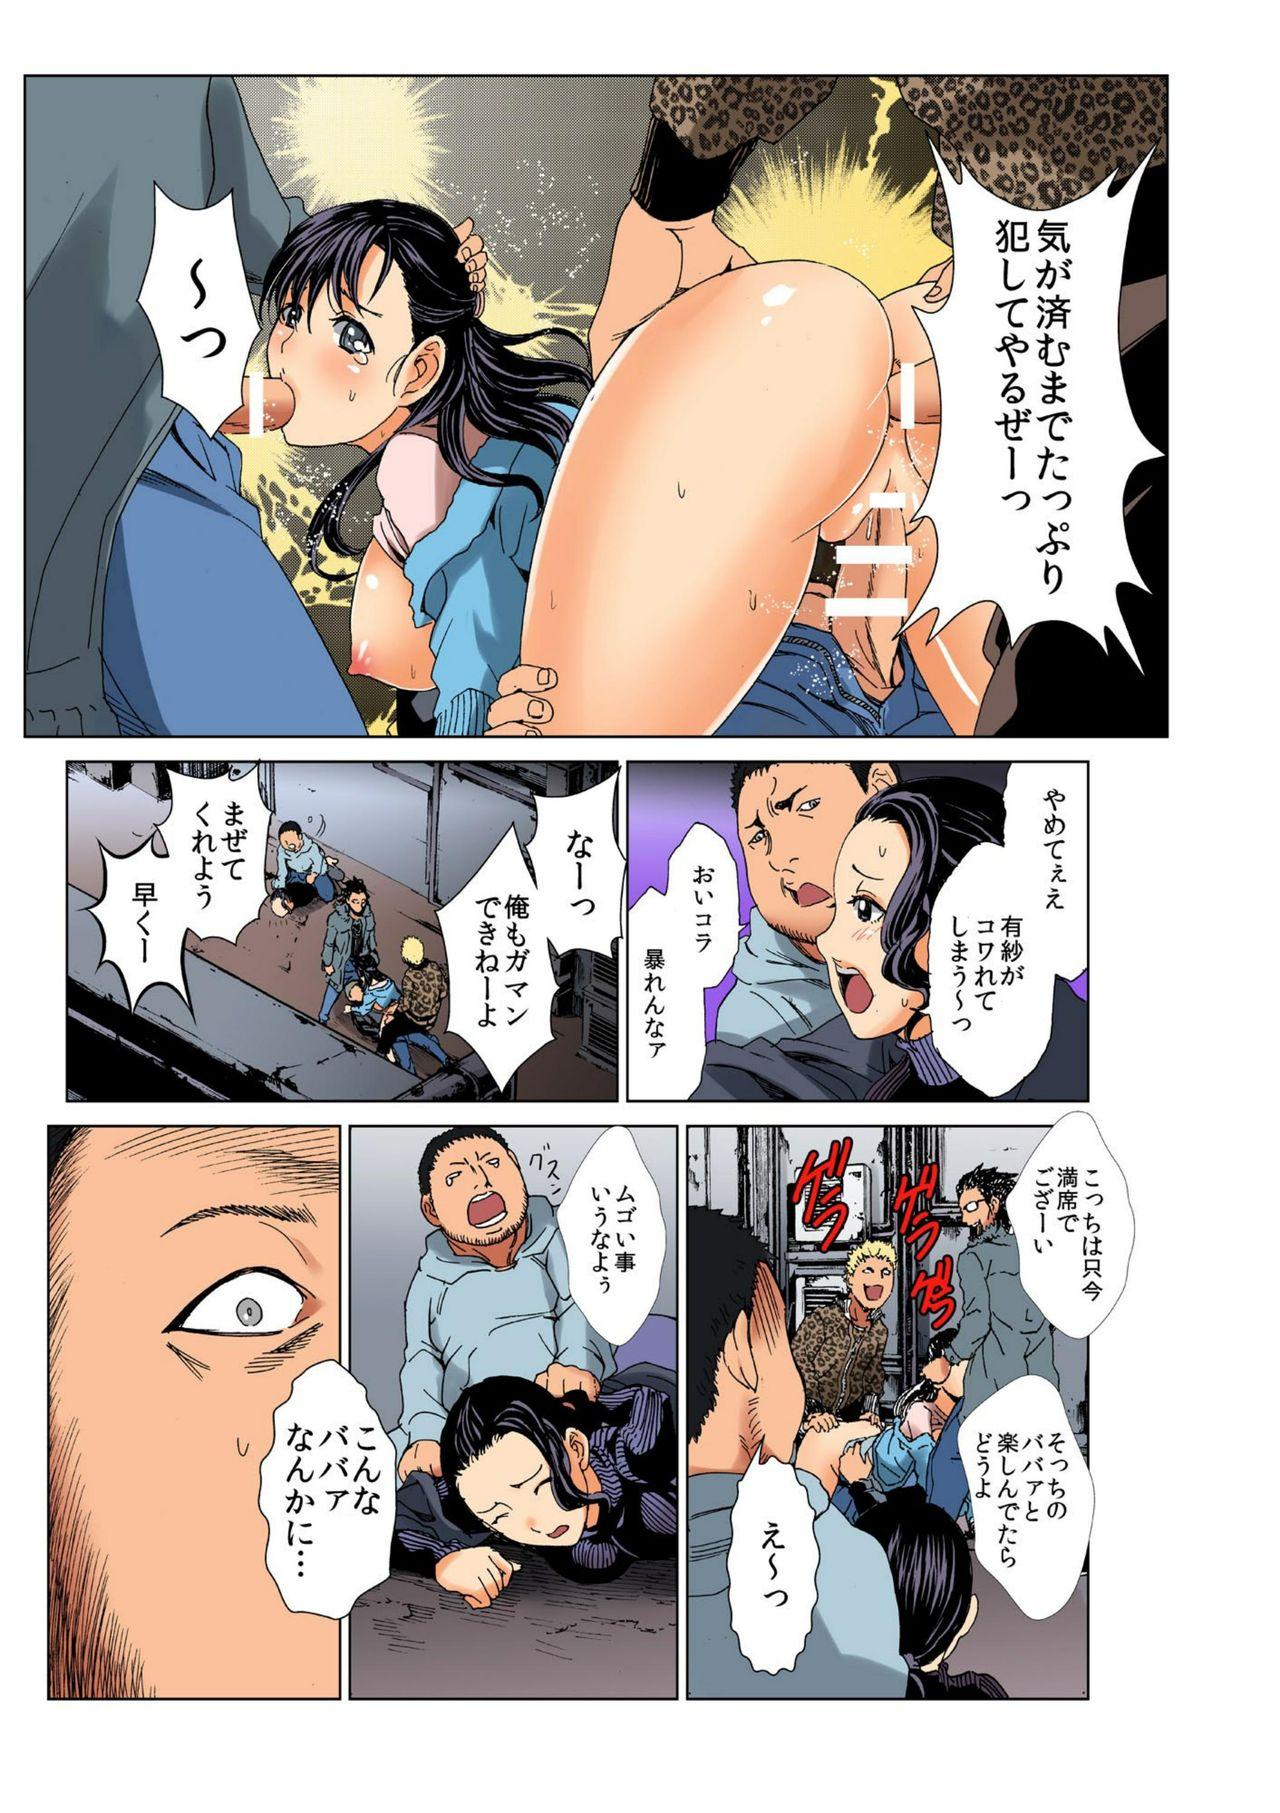 [Rurukichi] Seishi ga Kane ni Naru Jidai ~Mesubuta ga Muragaru Ore-sama no Kokan~ 1 23